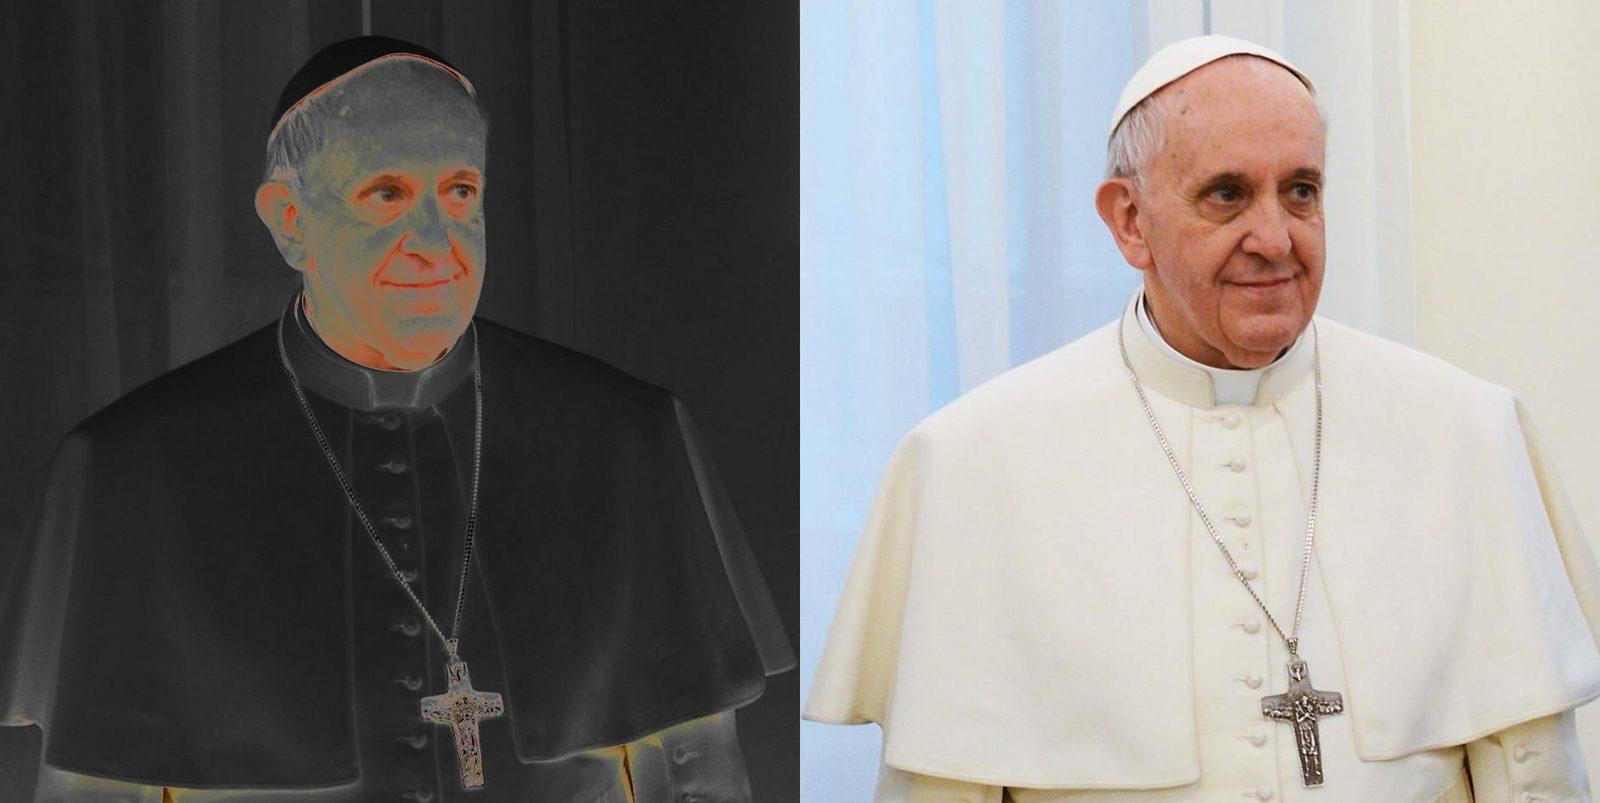 ¿Obispo contra Obispo y Cardenal contra Cardenal como se Profetizó en Akita?